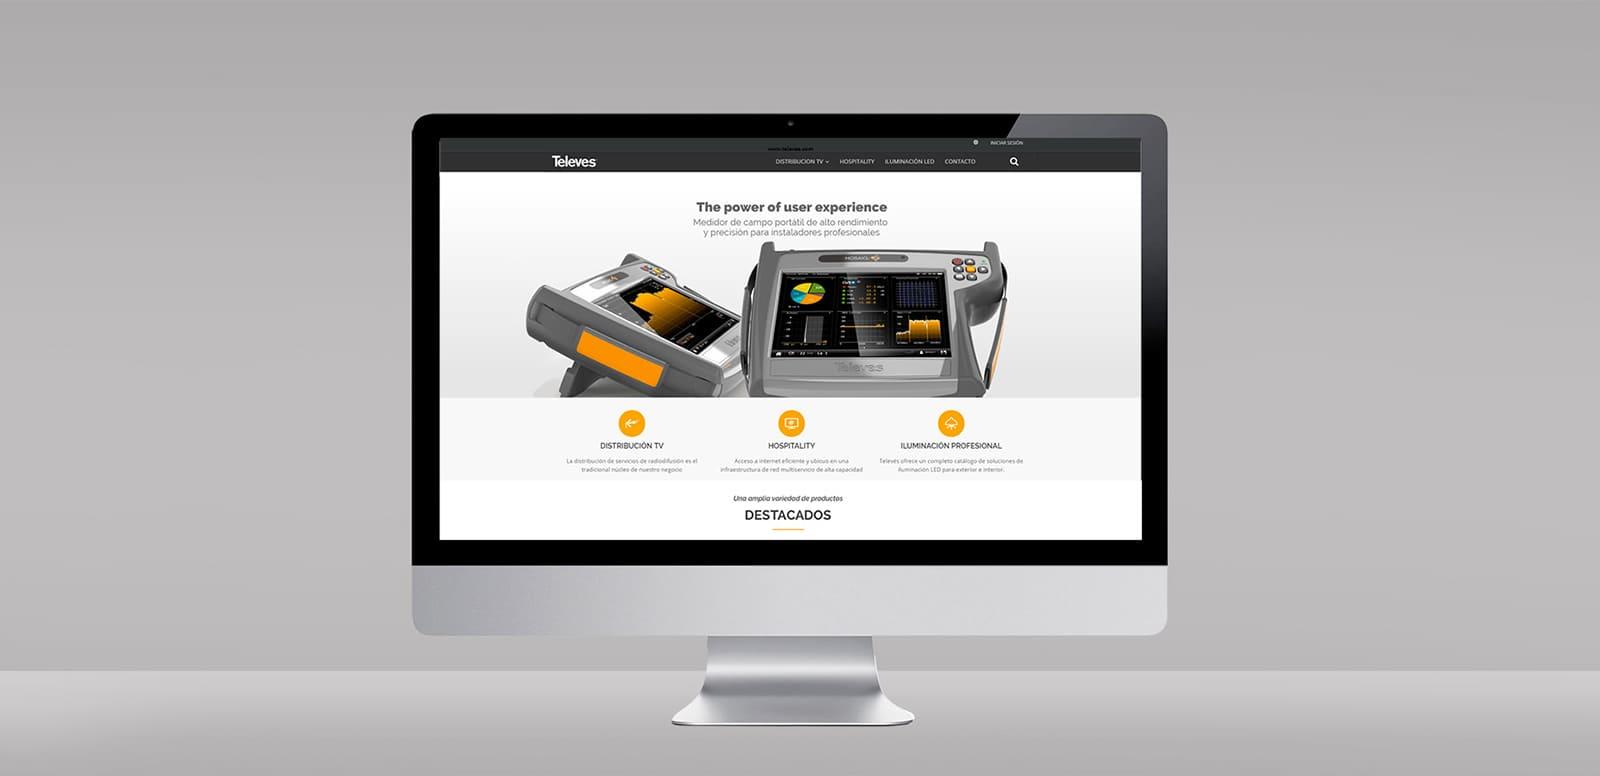 Una web preparada para la era de la transformación digital